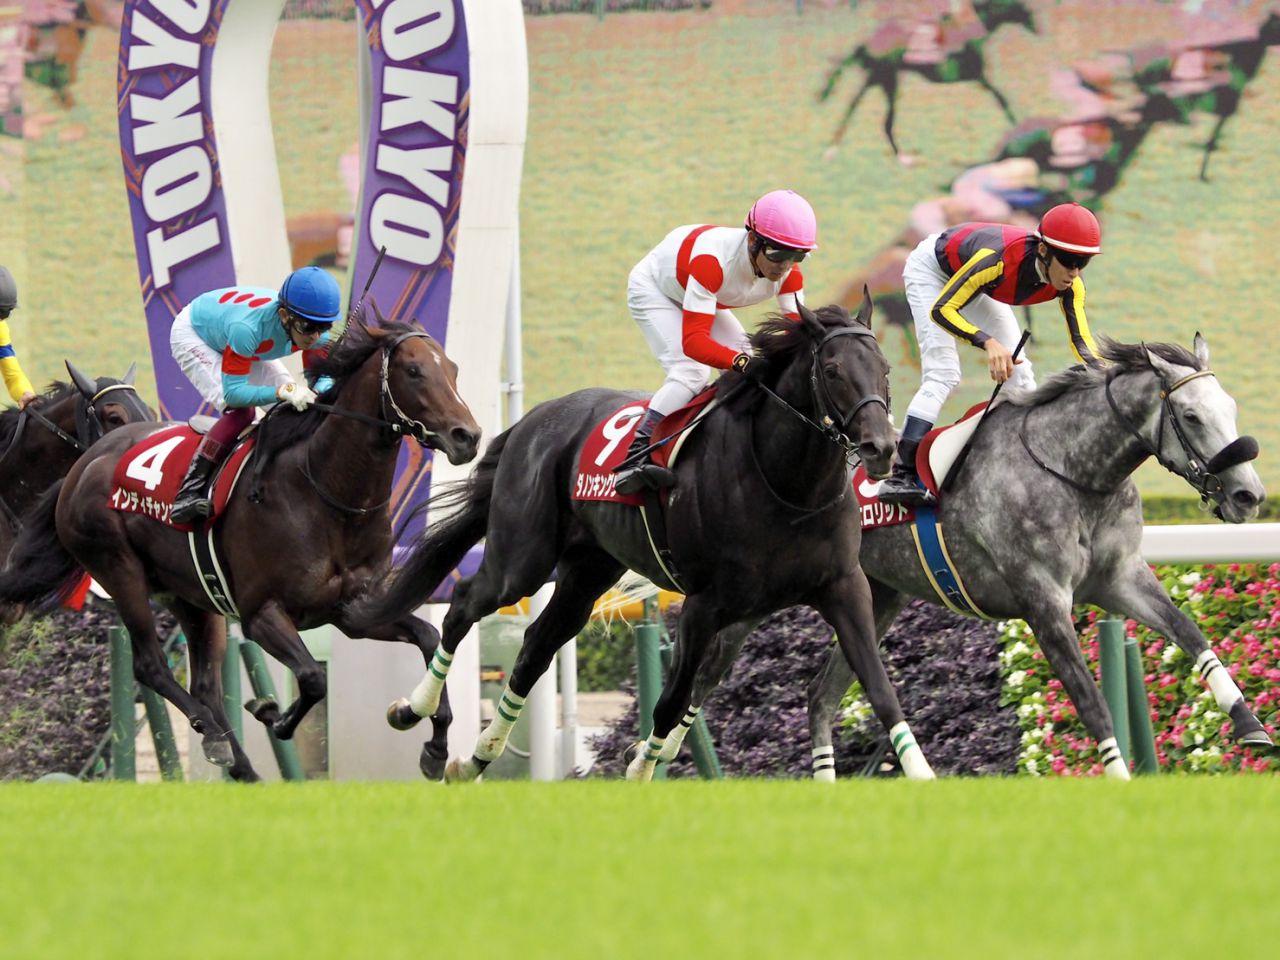 黛弘人騎手が騎乗停止 新潟5Rにおける制裁